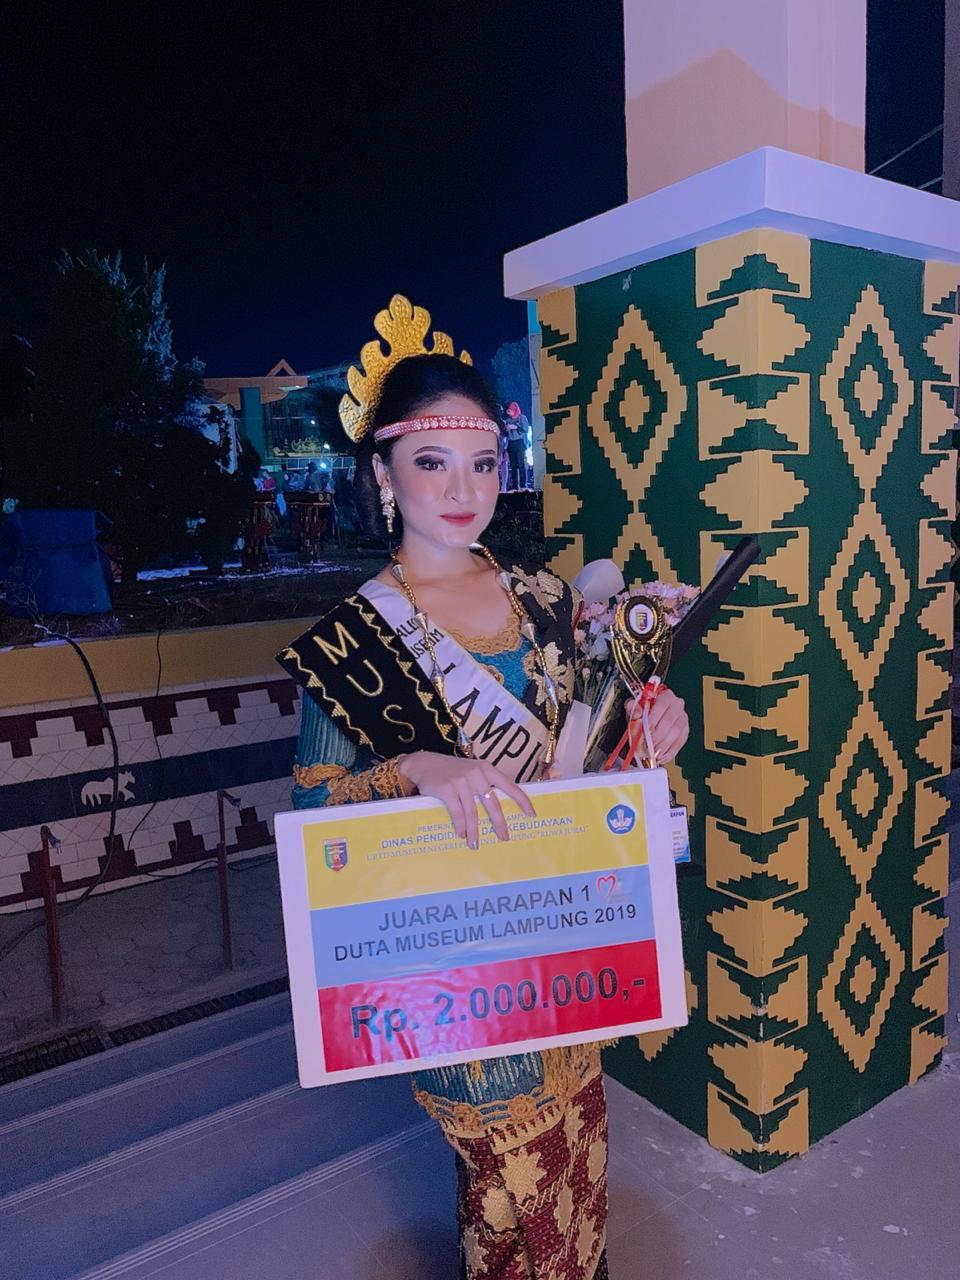 Mahasiswi Darmajaya Raih Juara Harapan I Duta Museum Lampung 2019